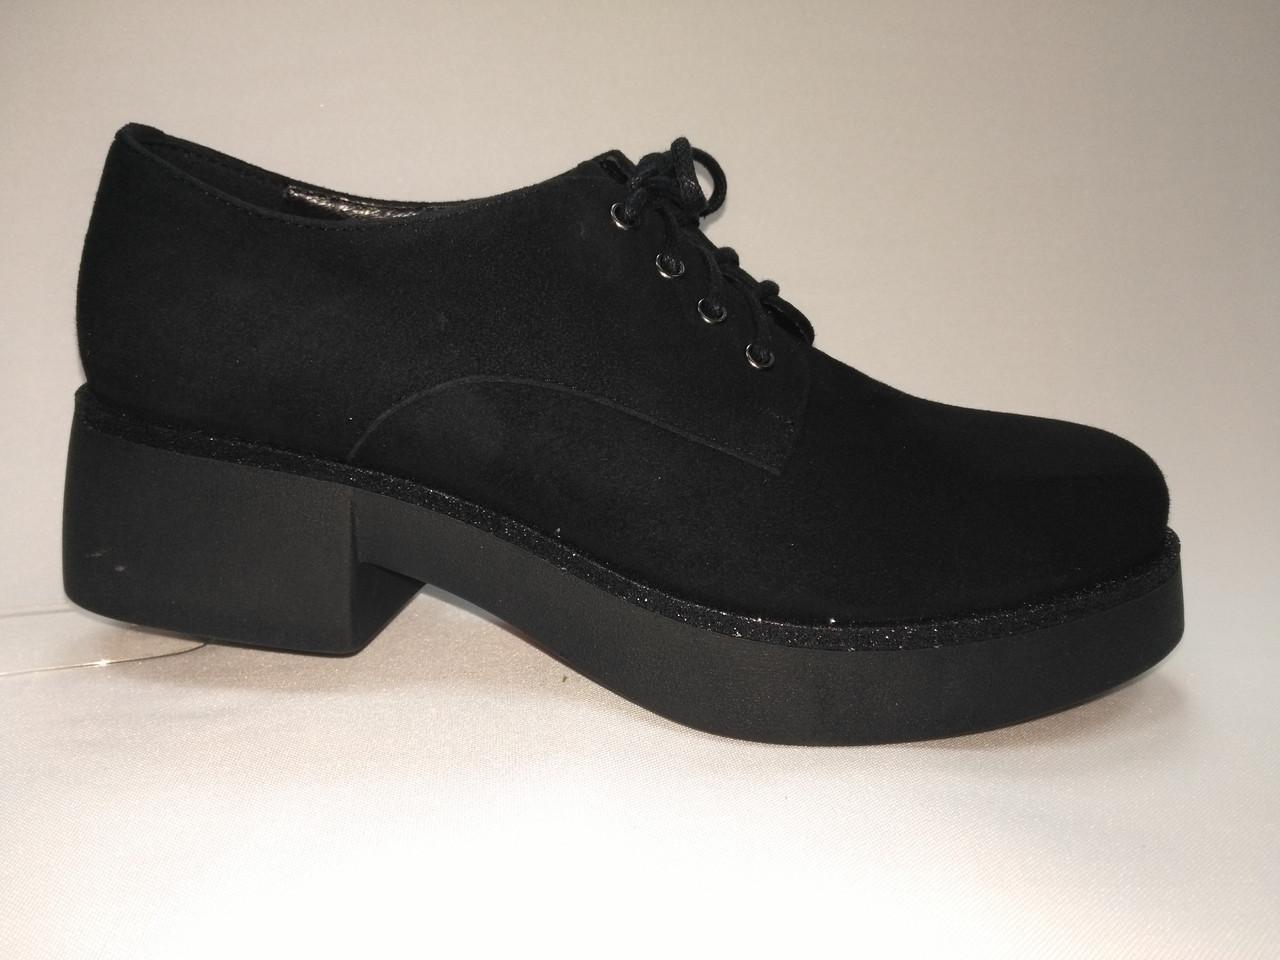 7d93158d1 Черные замшевые туфли на каблуке и платформе со шнурками.Польша. - Women  Shoe Shop